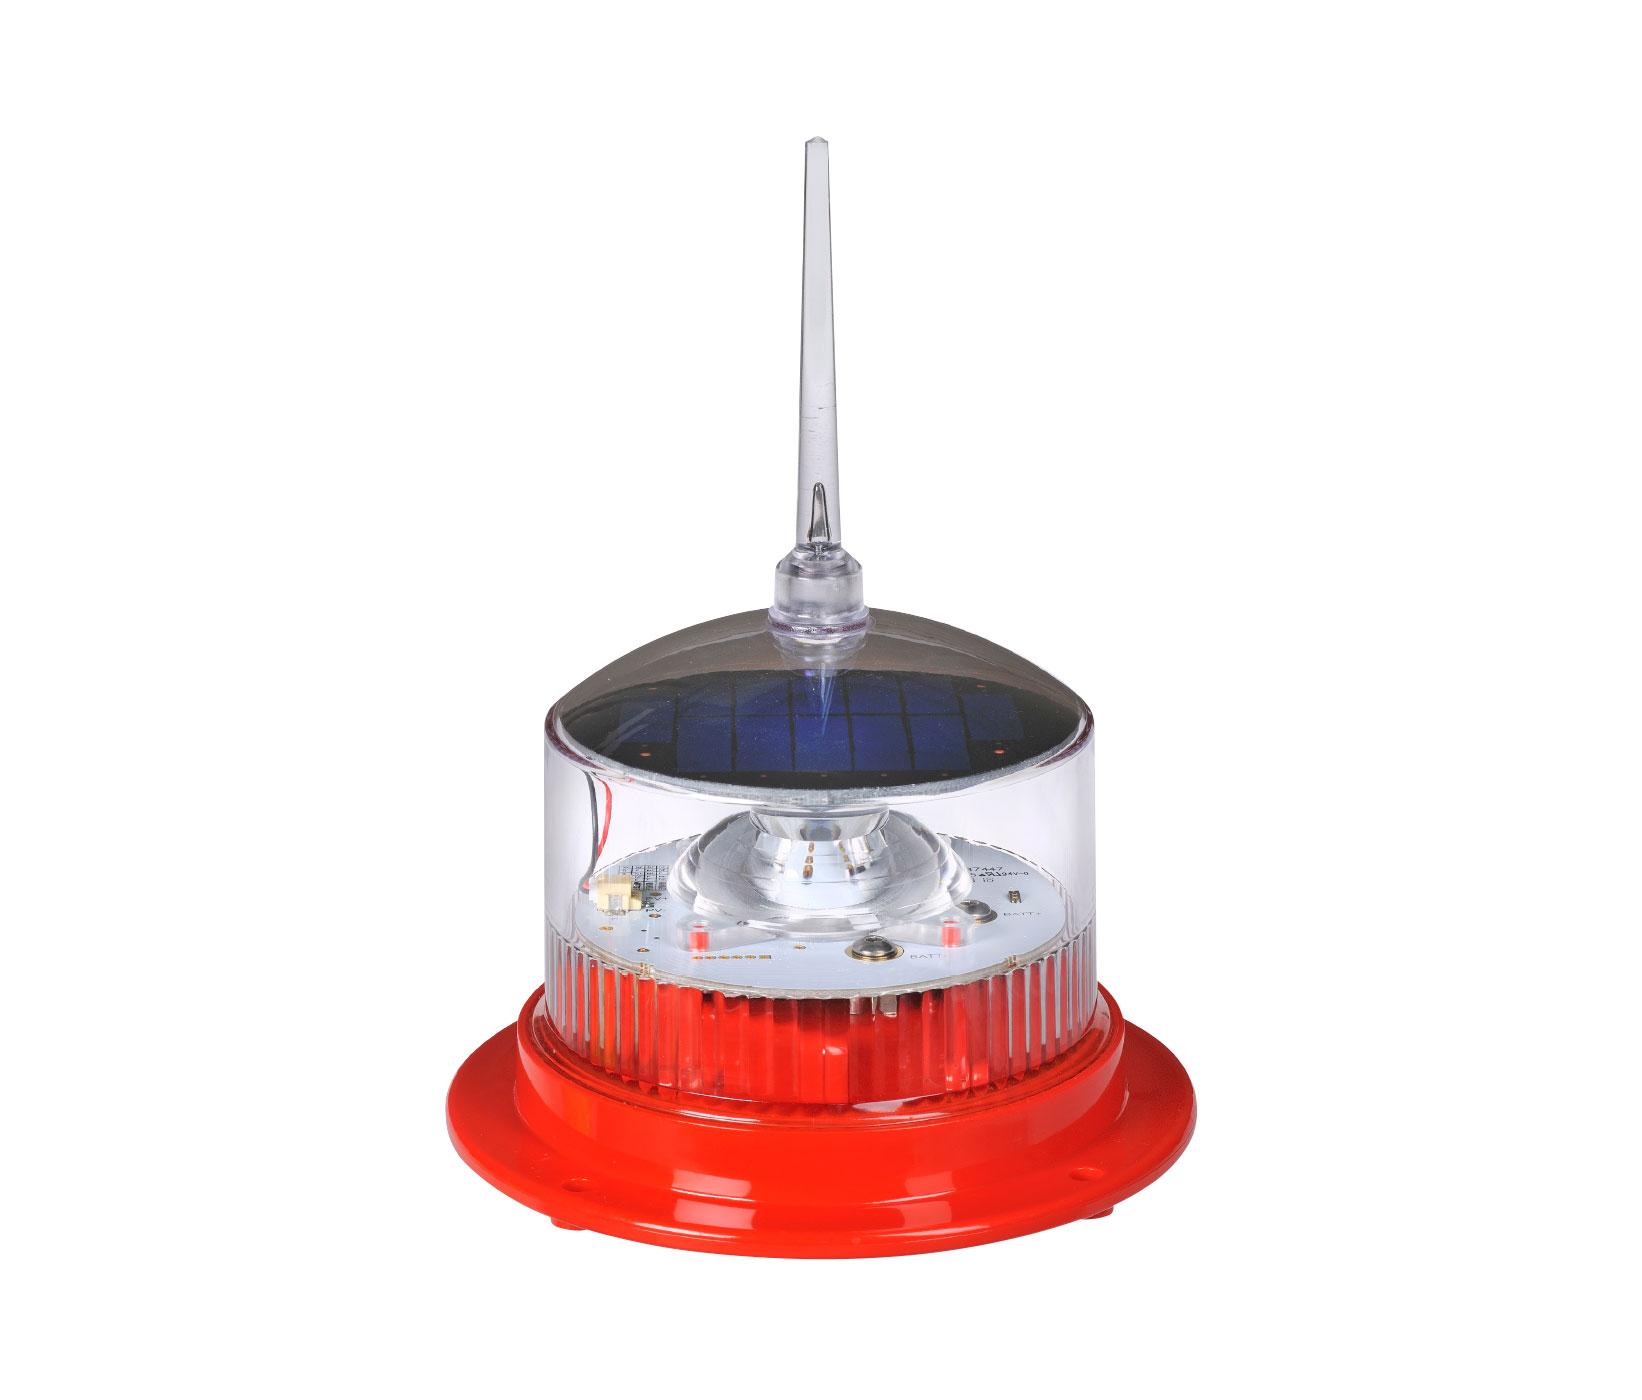 1-2NM+ Solar Marine Lantern <br>(SL-15)